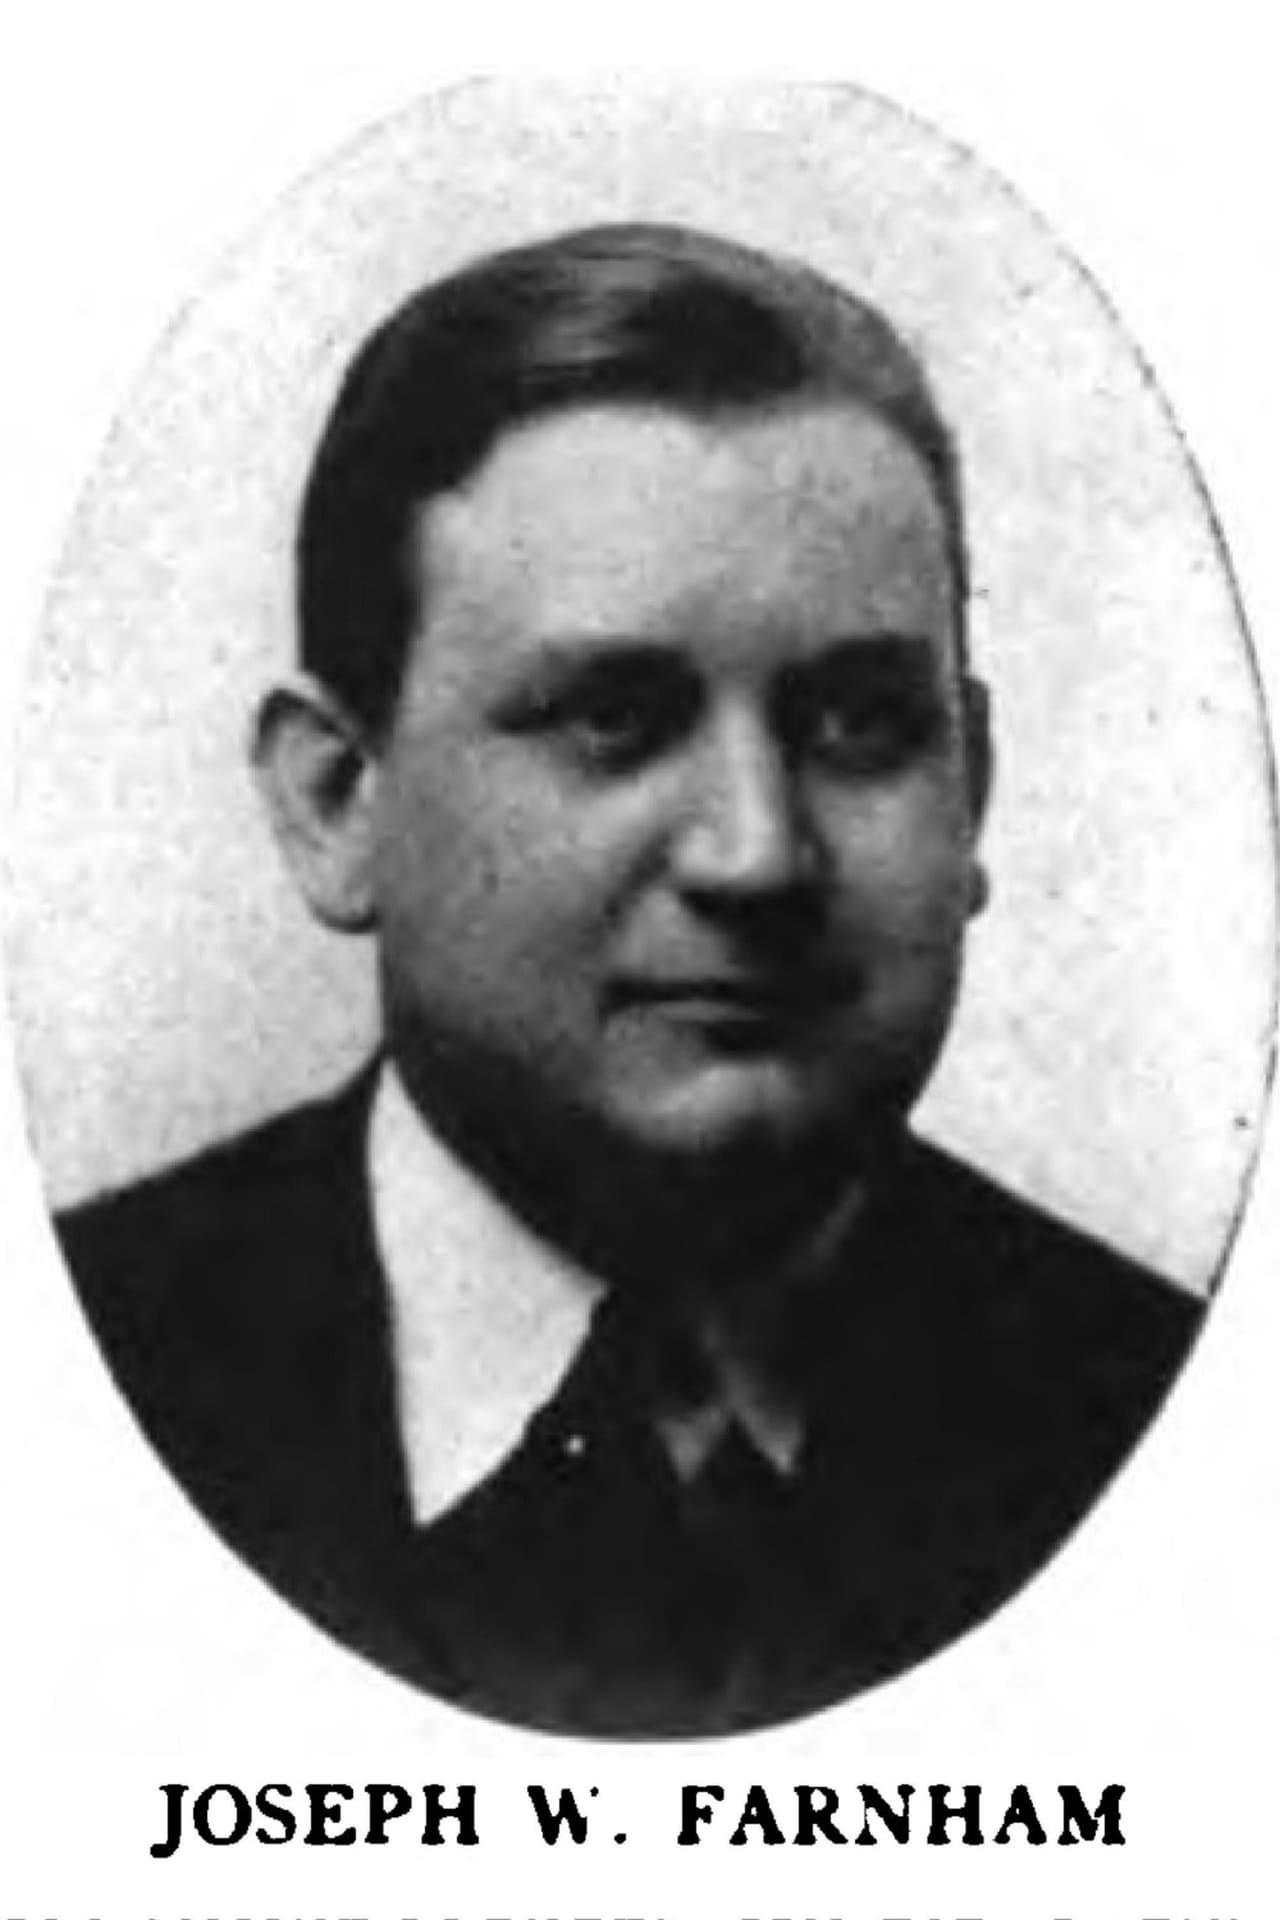 Joseph Farnham